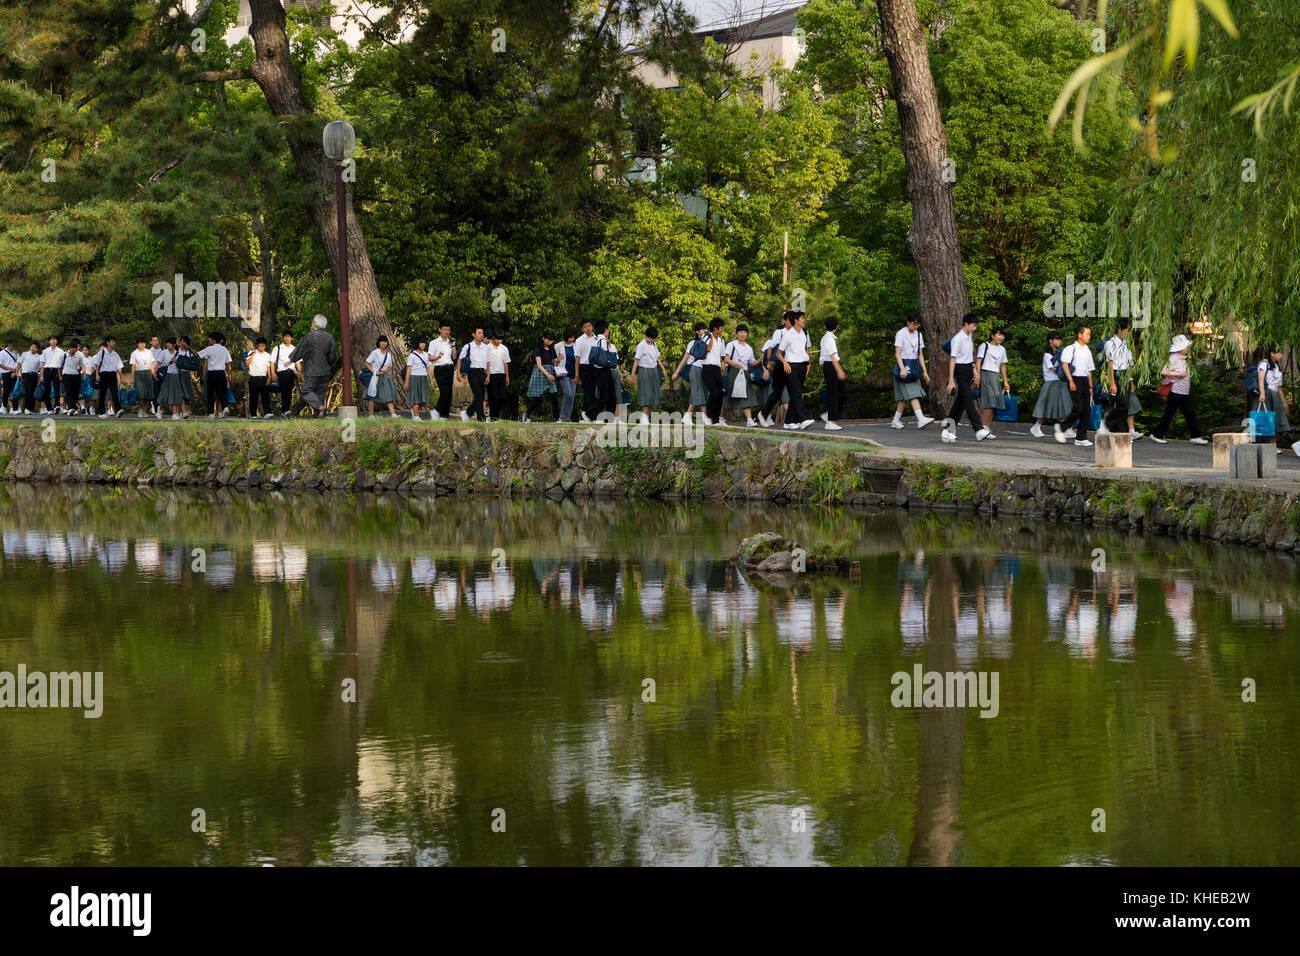 Nara, Japón - Mayo 30, 2017: grupos de estudiantes japoneses caminando por la sarusawa-ike, estanque Sarusawa Imagen De Stock